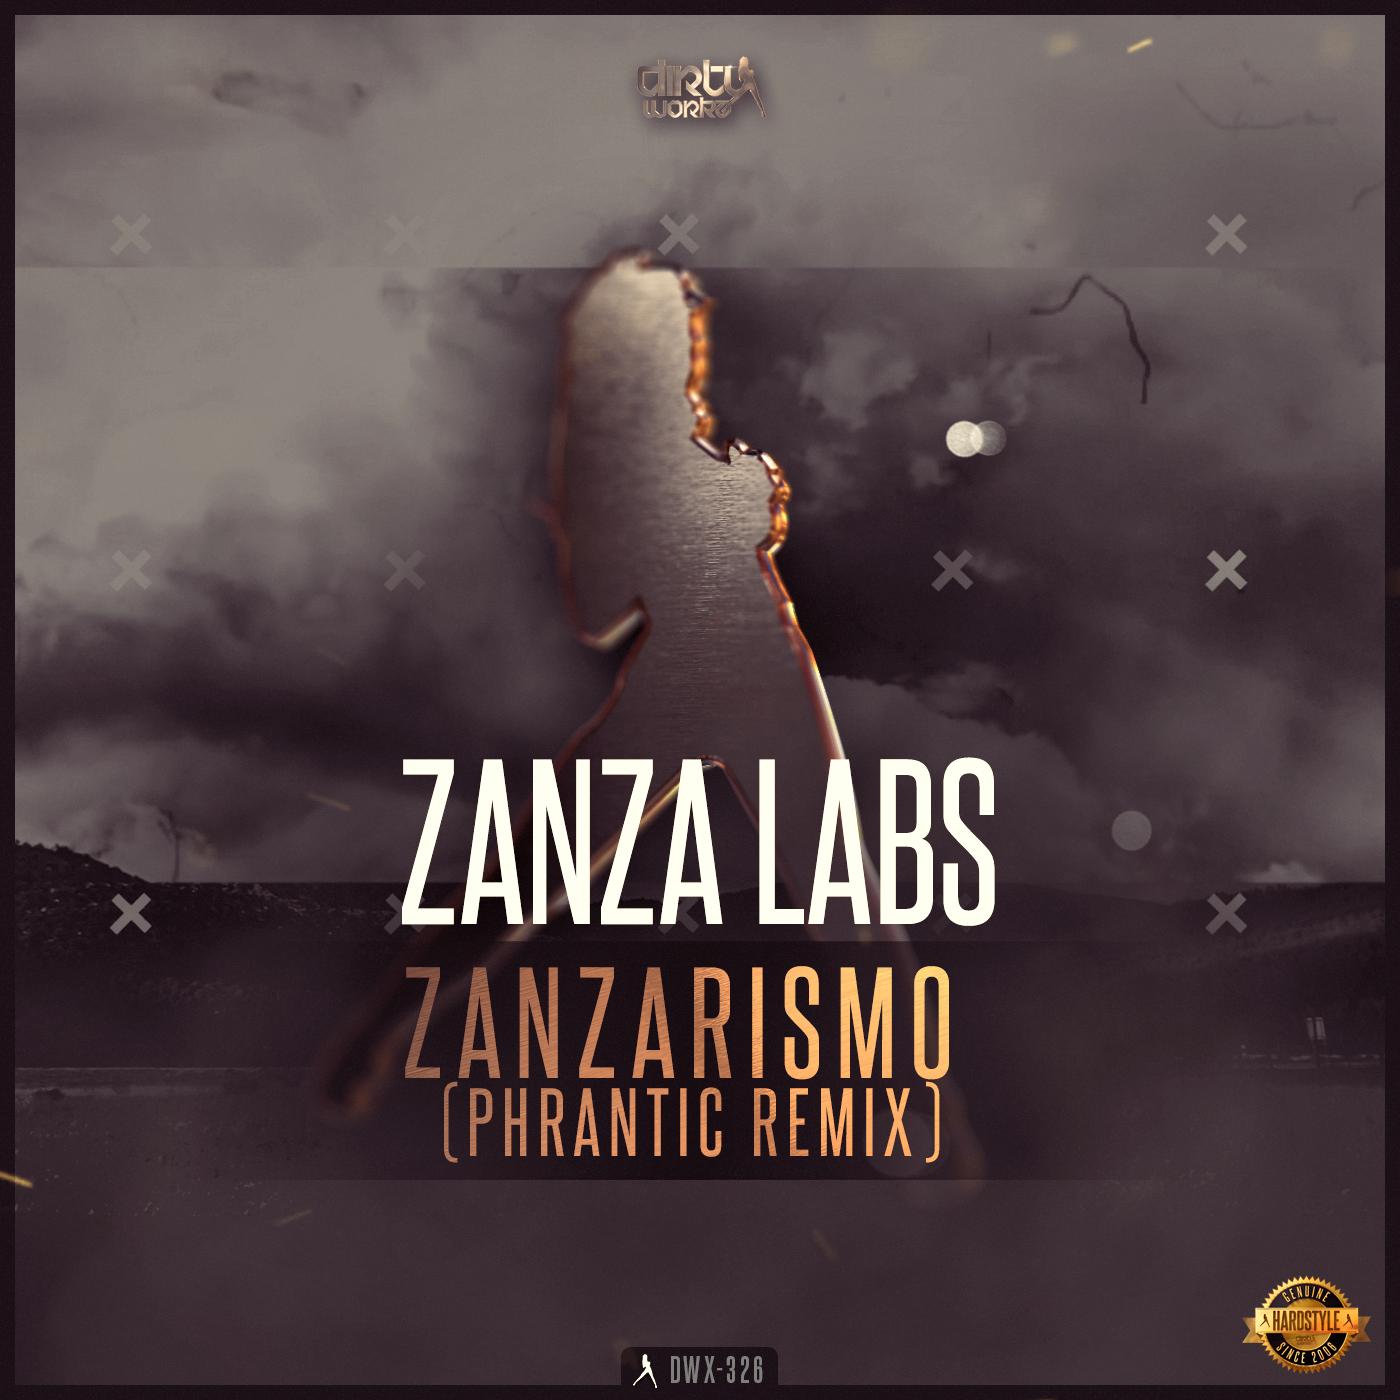 Zanza Labs - Zanzarismo (Phrantic Remix) [DIRTY WORKZ] DWX326